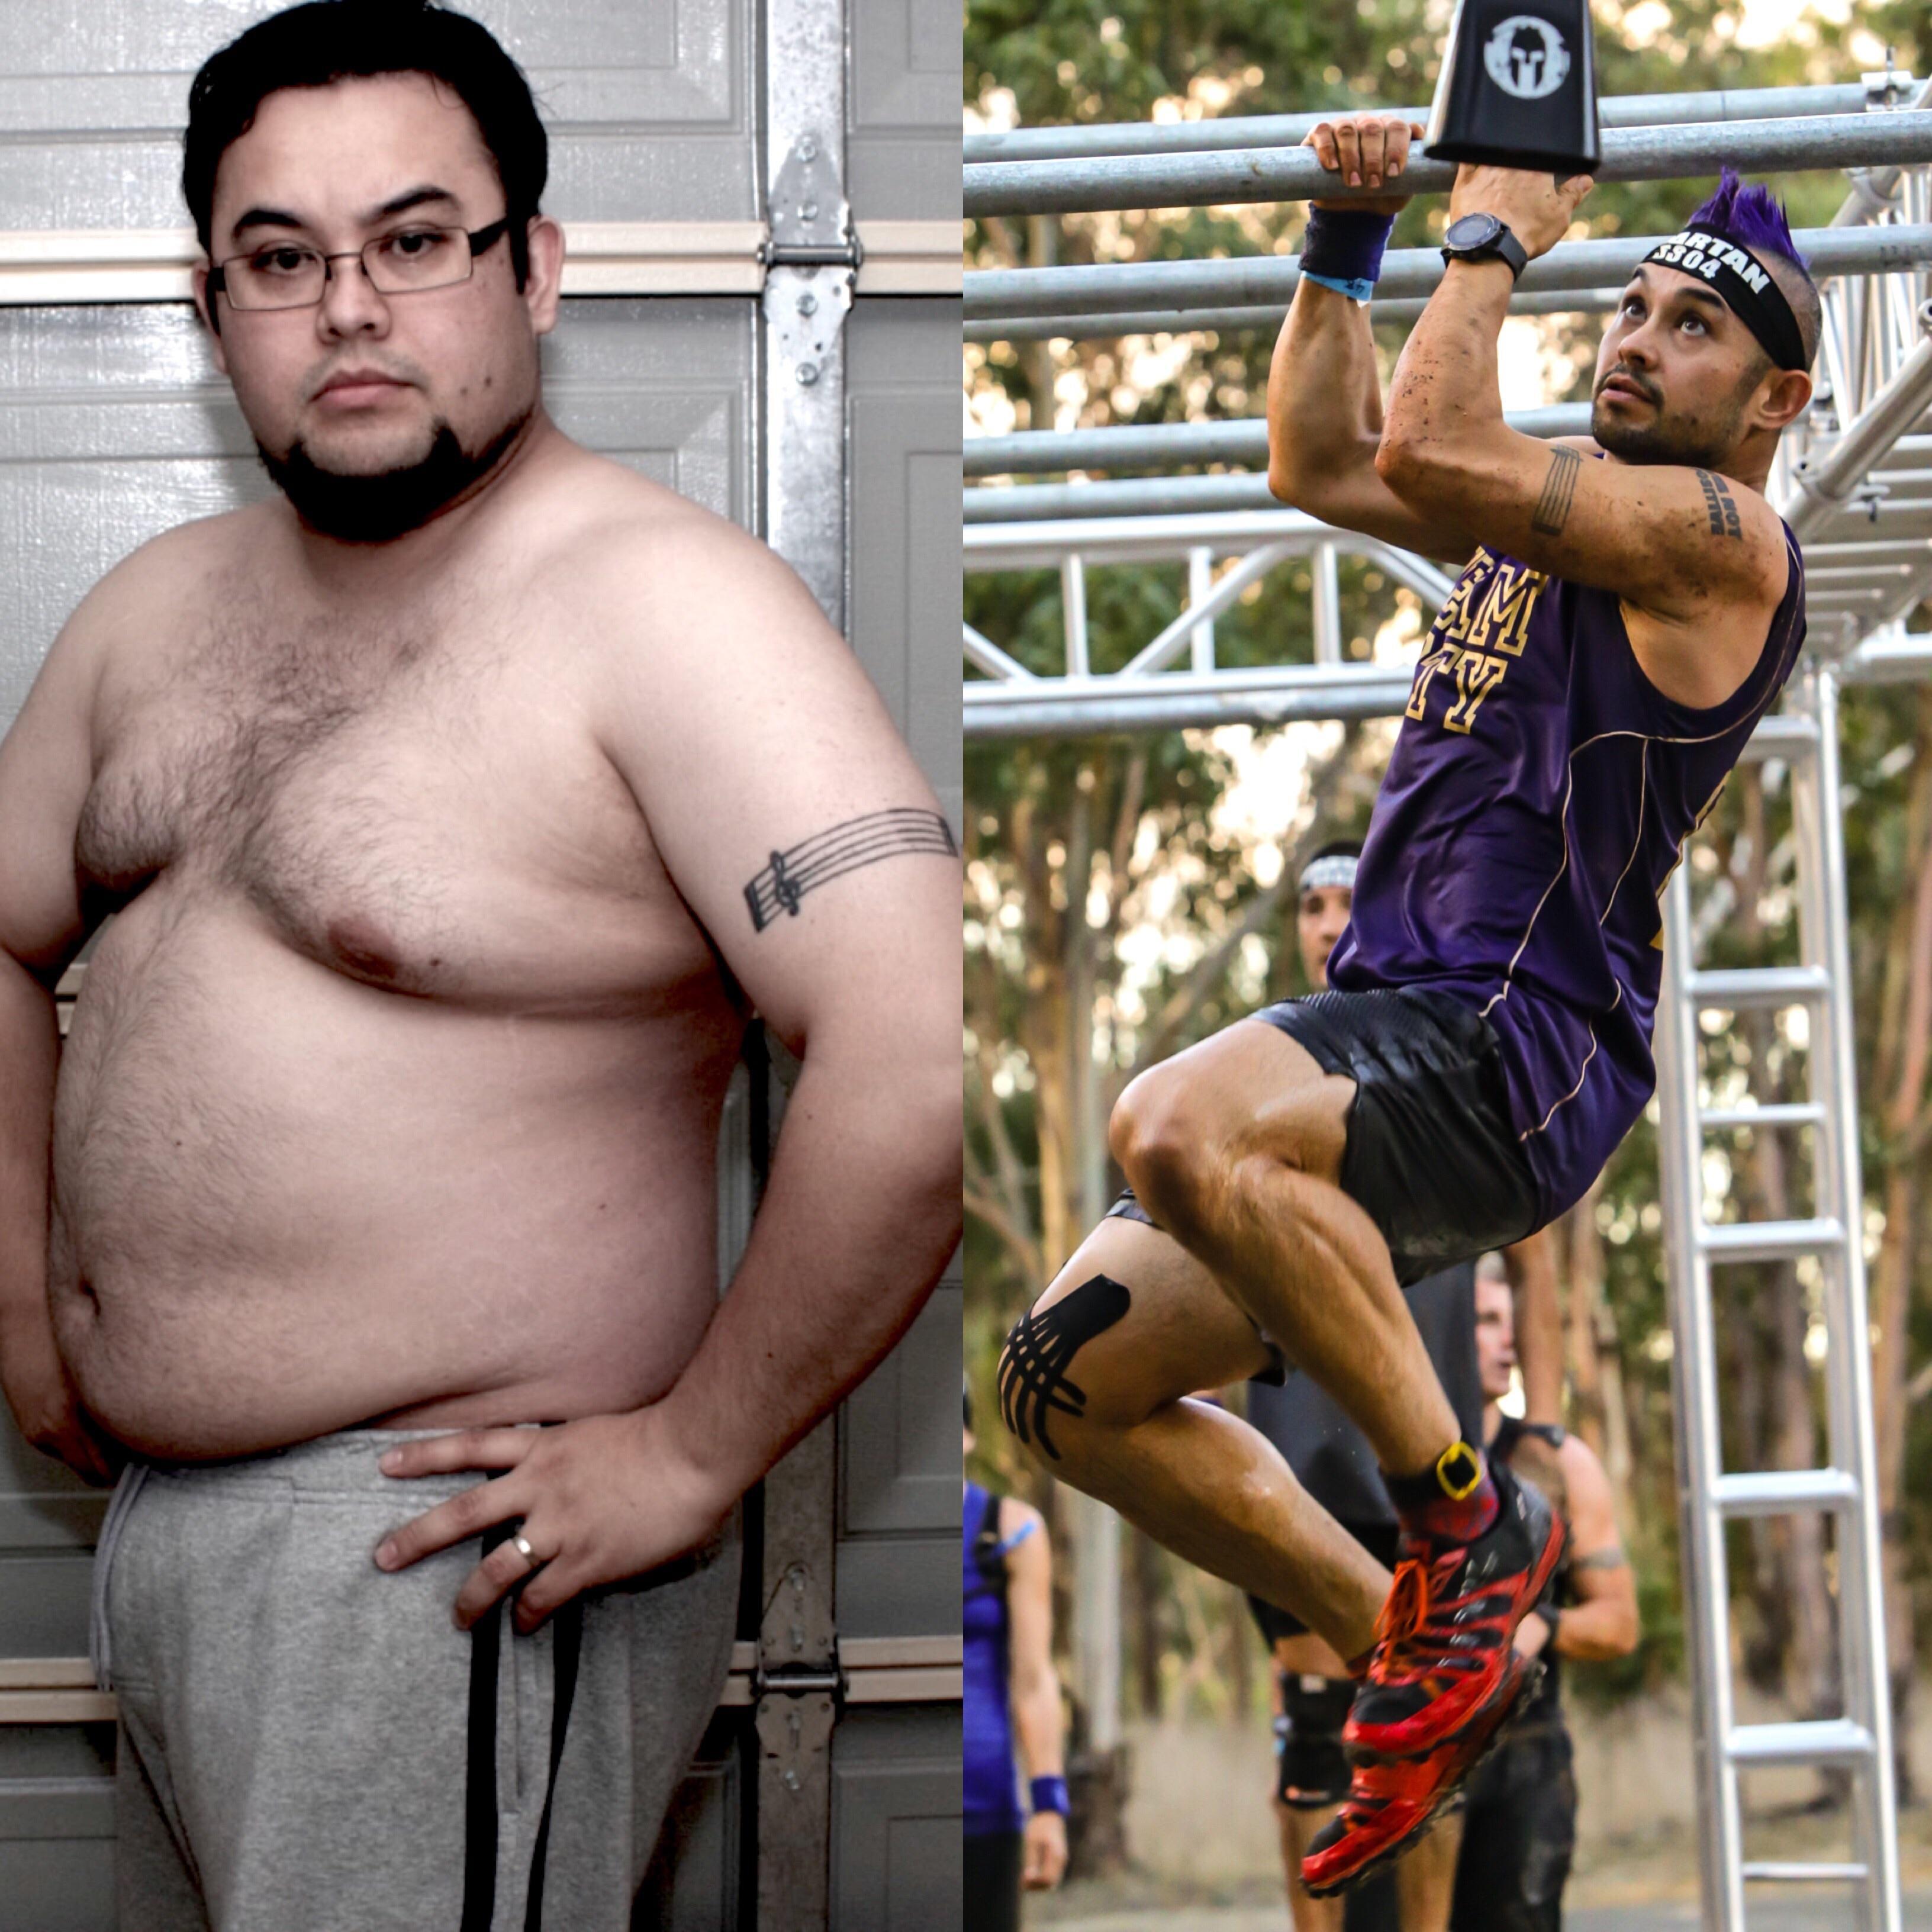 5'7 Male Progress Pics of 110 lbs Fat Loss 262 lbs to 152 lbs